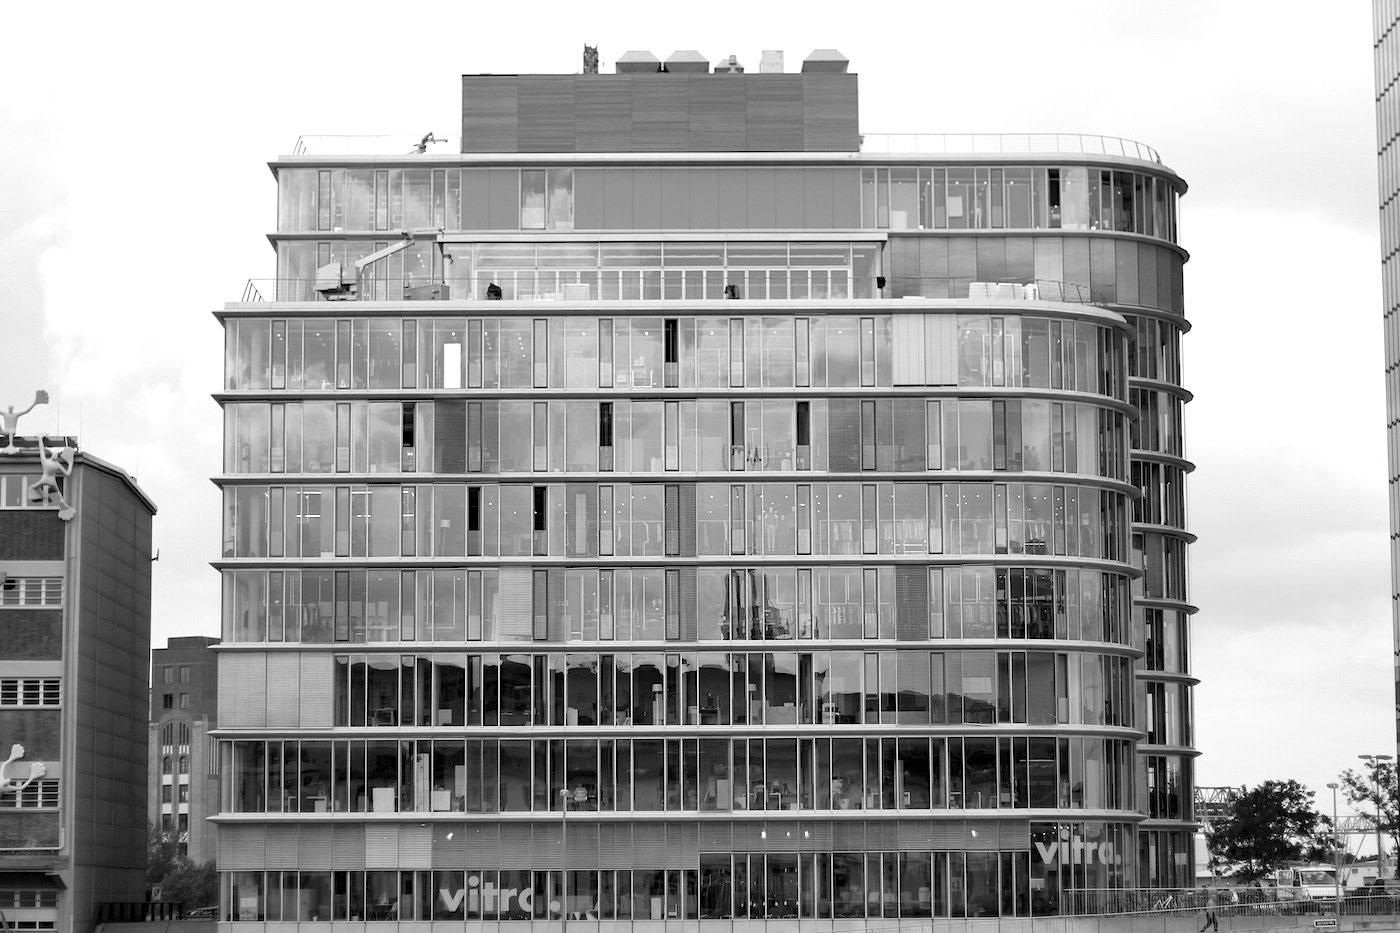 Speditionstraße 17.  Von Ingenhoven Overdiek Architekten. Fertigstellung: 2002